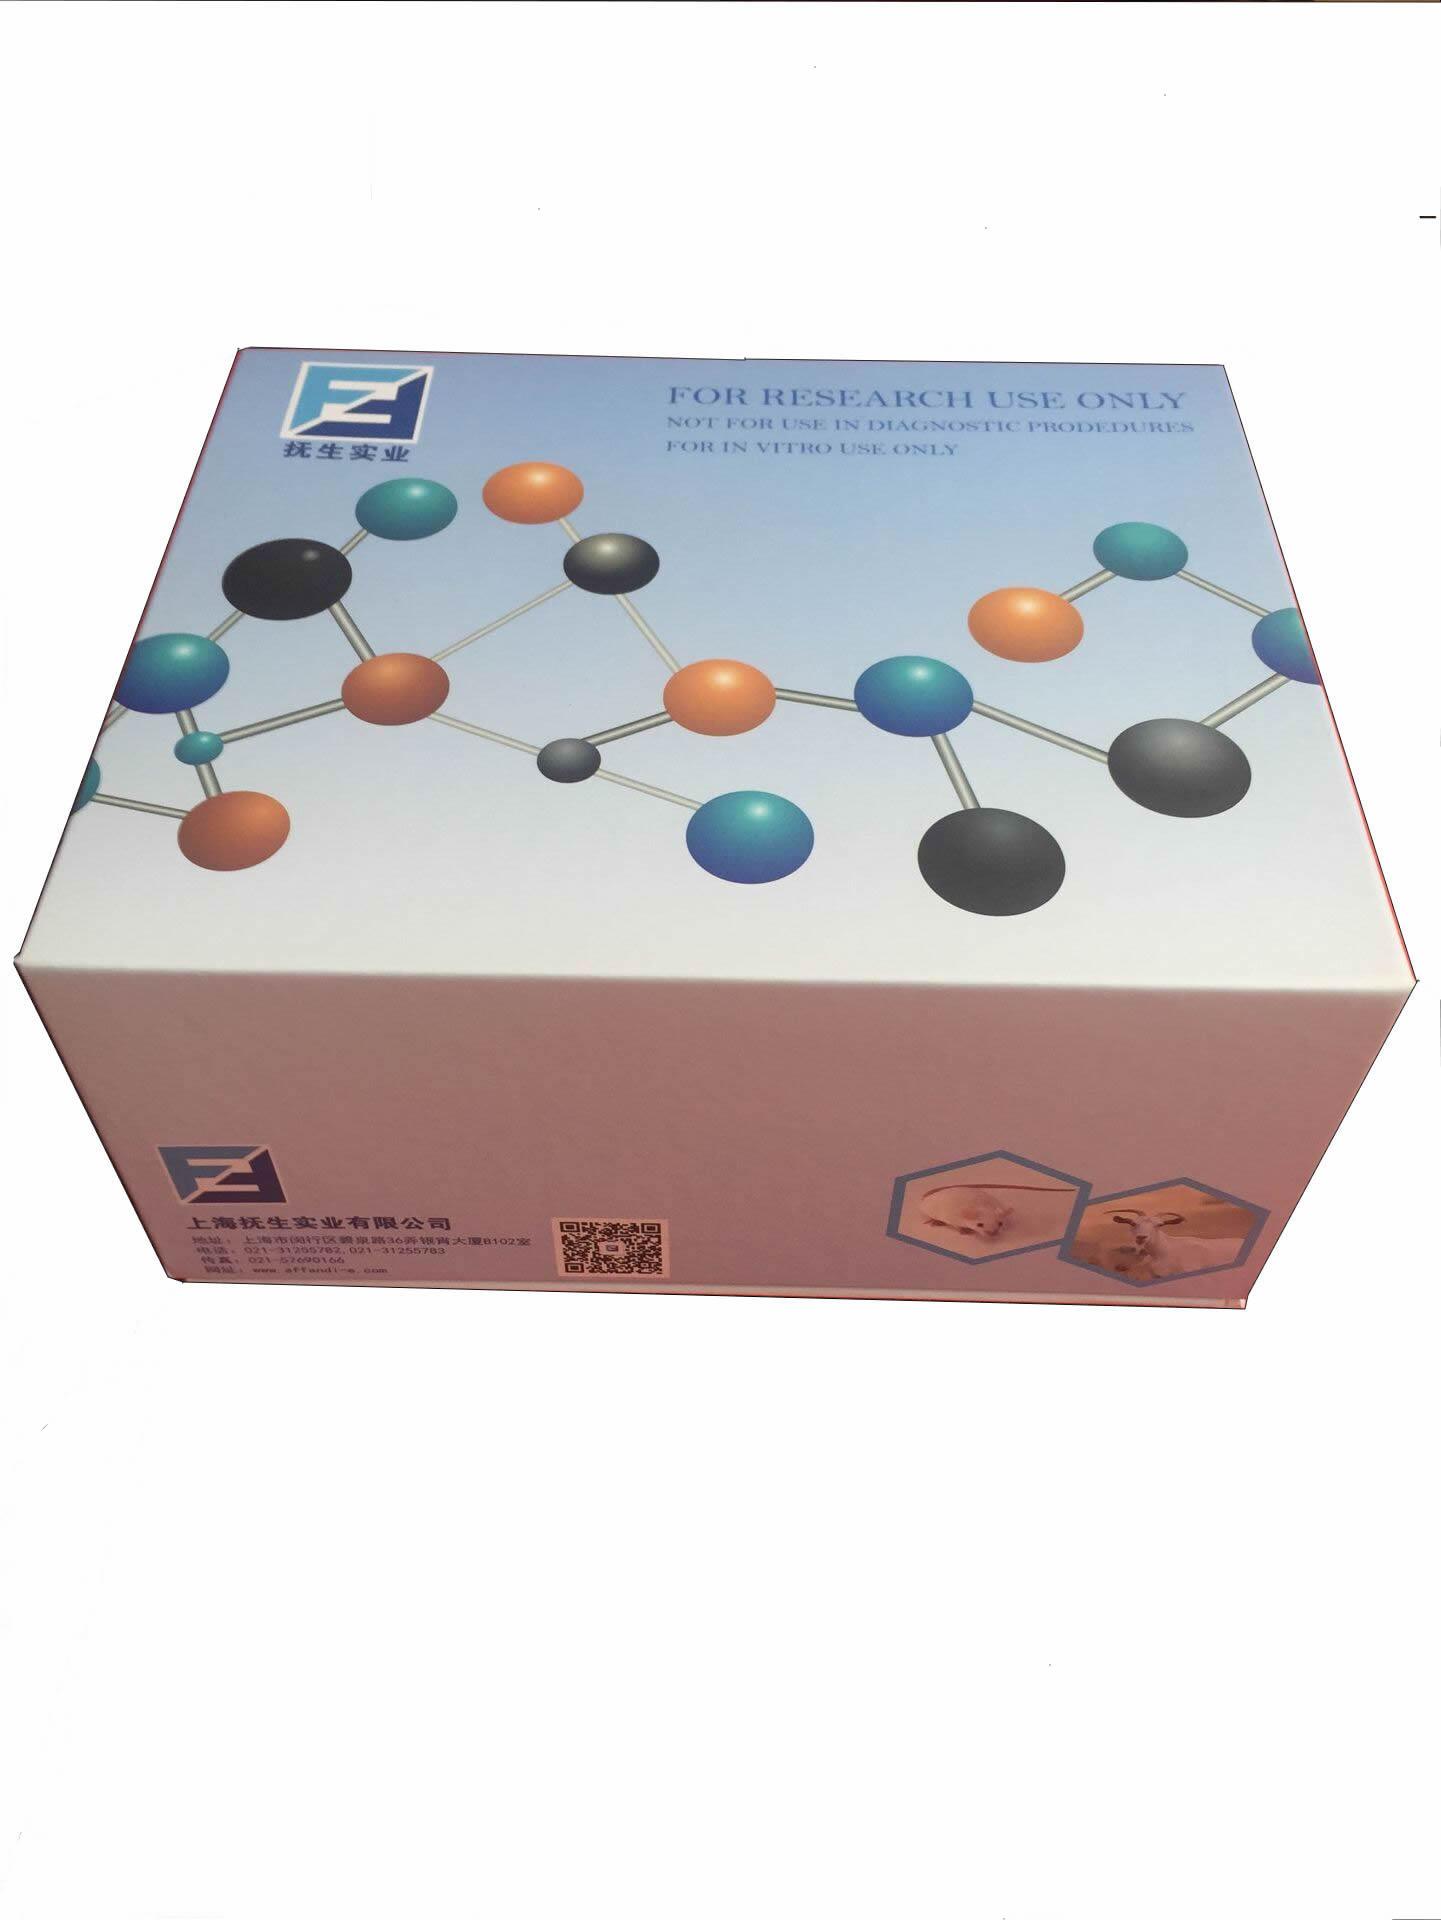 病毒性腹泻抗体检测试剂盒